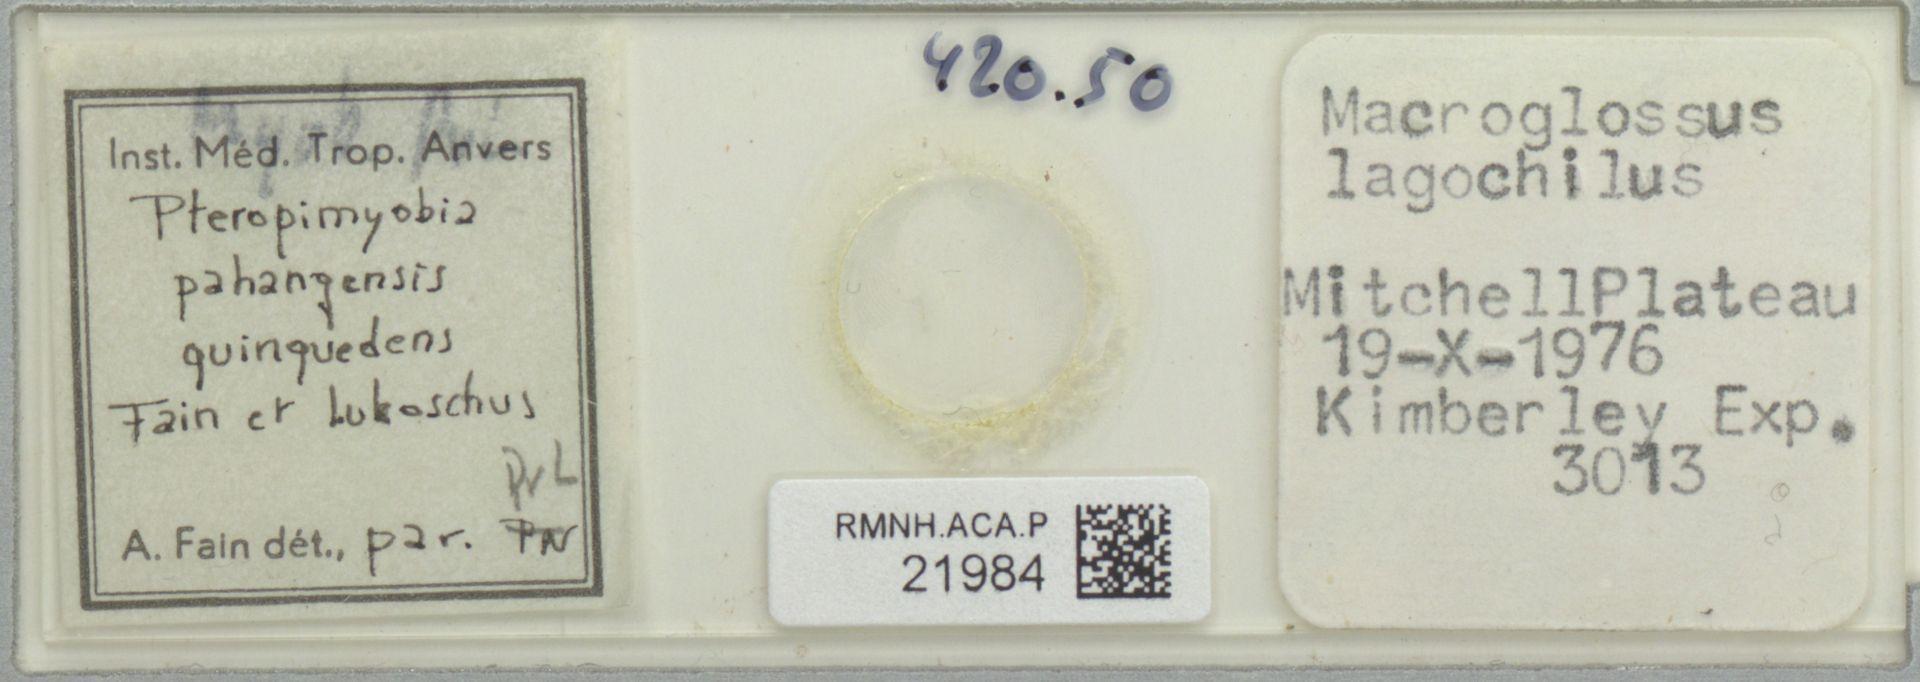 RMNH.ACA.P.21984 | Pteropimyobia pahangensis quinquedens Fain et Lukoschus